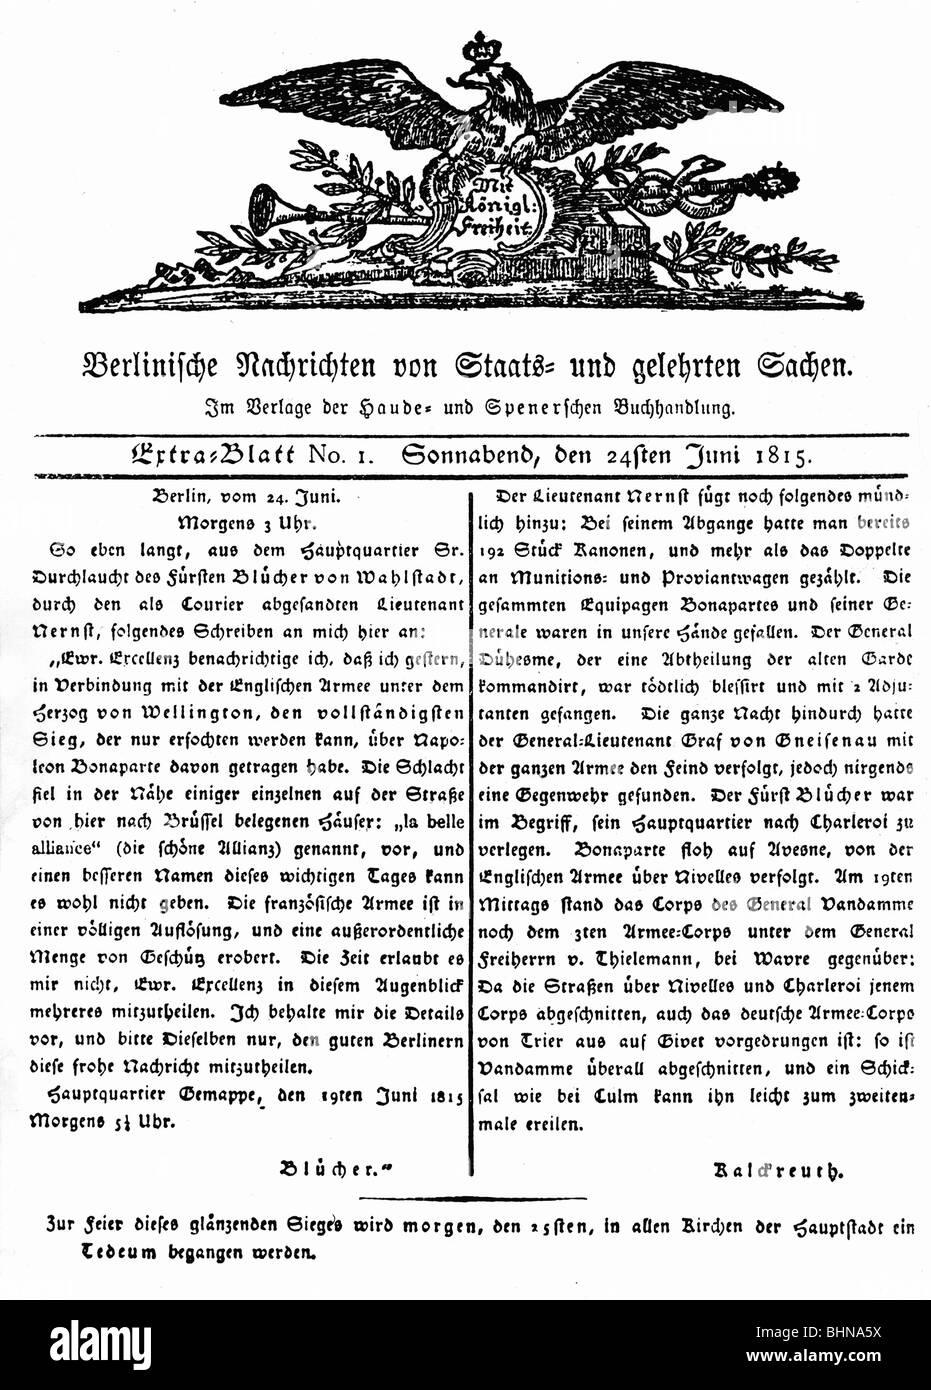 press / media, magazines, / journals, 'Berlinische Nachrichten von Staats- und gelehrten Sachen', special - Stock Image